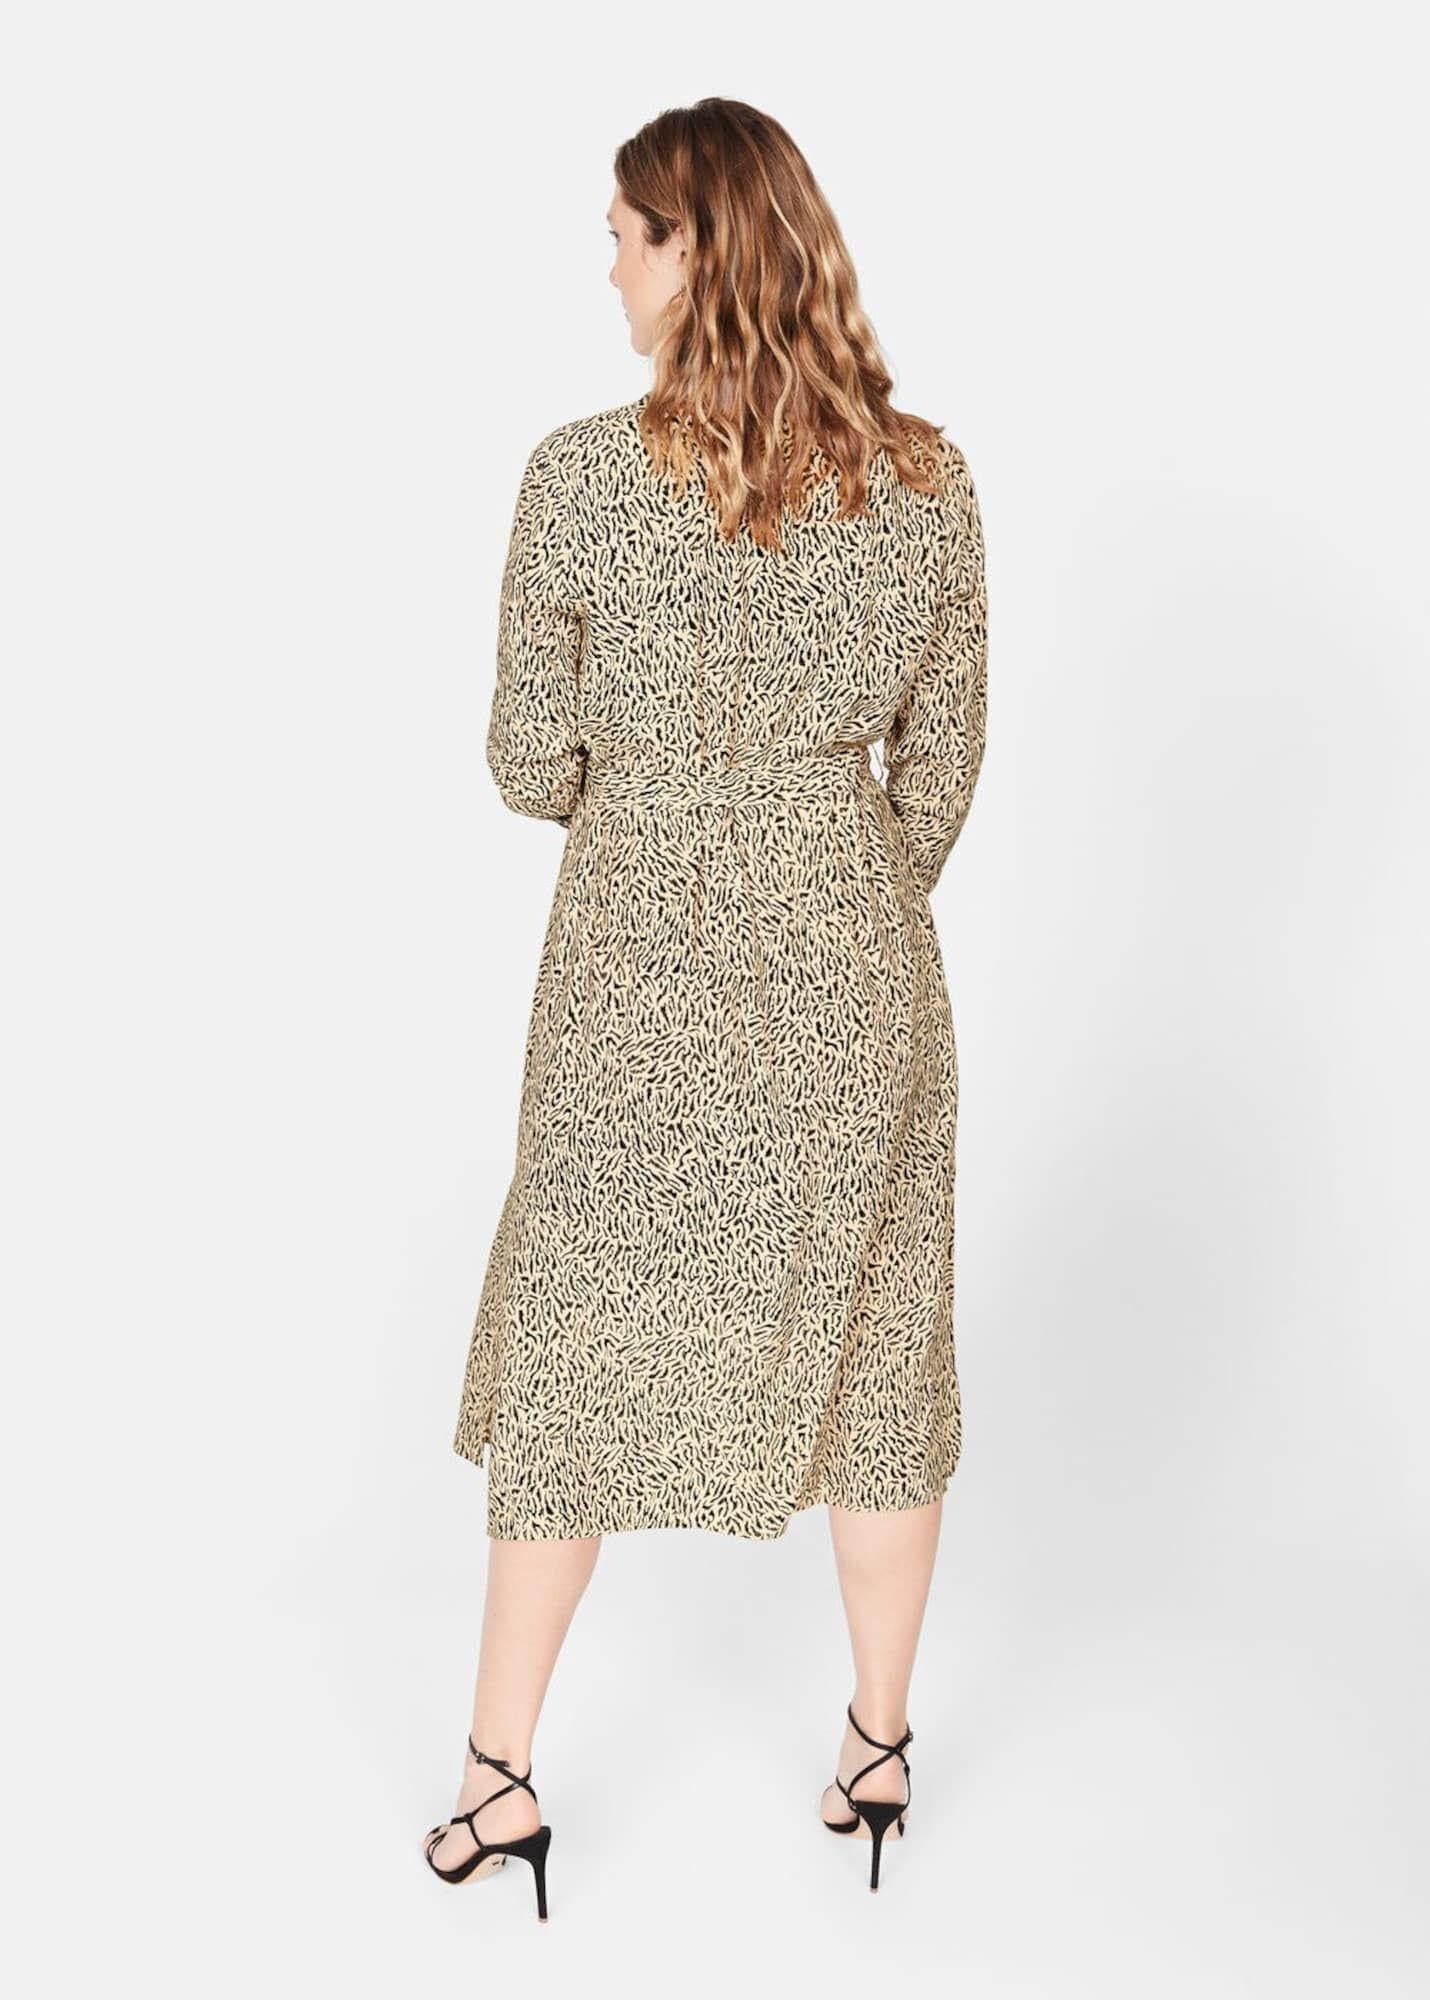 Violetamango Kleid 'Leopard' Damen Beige Größe 38